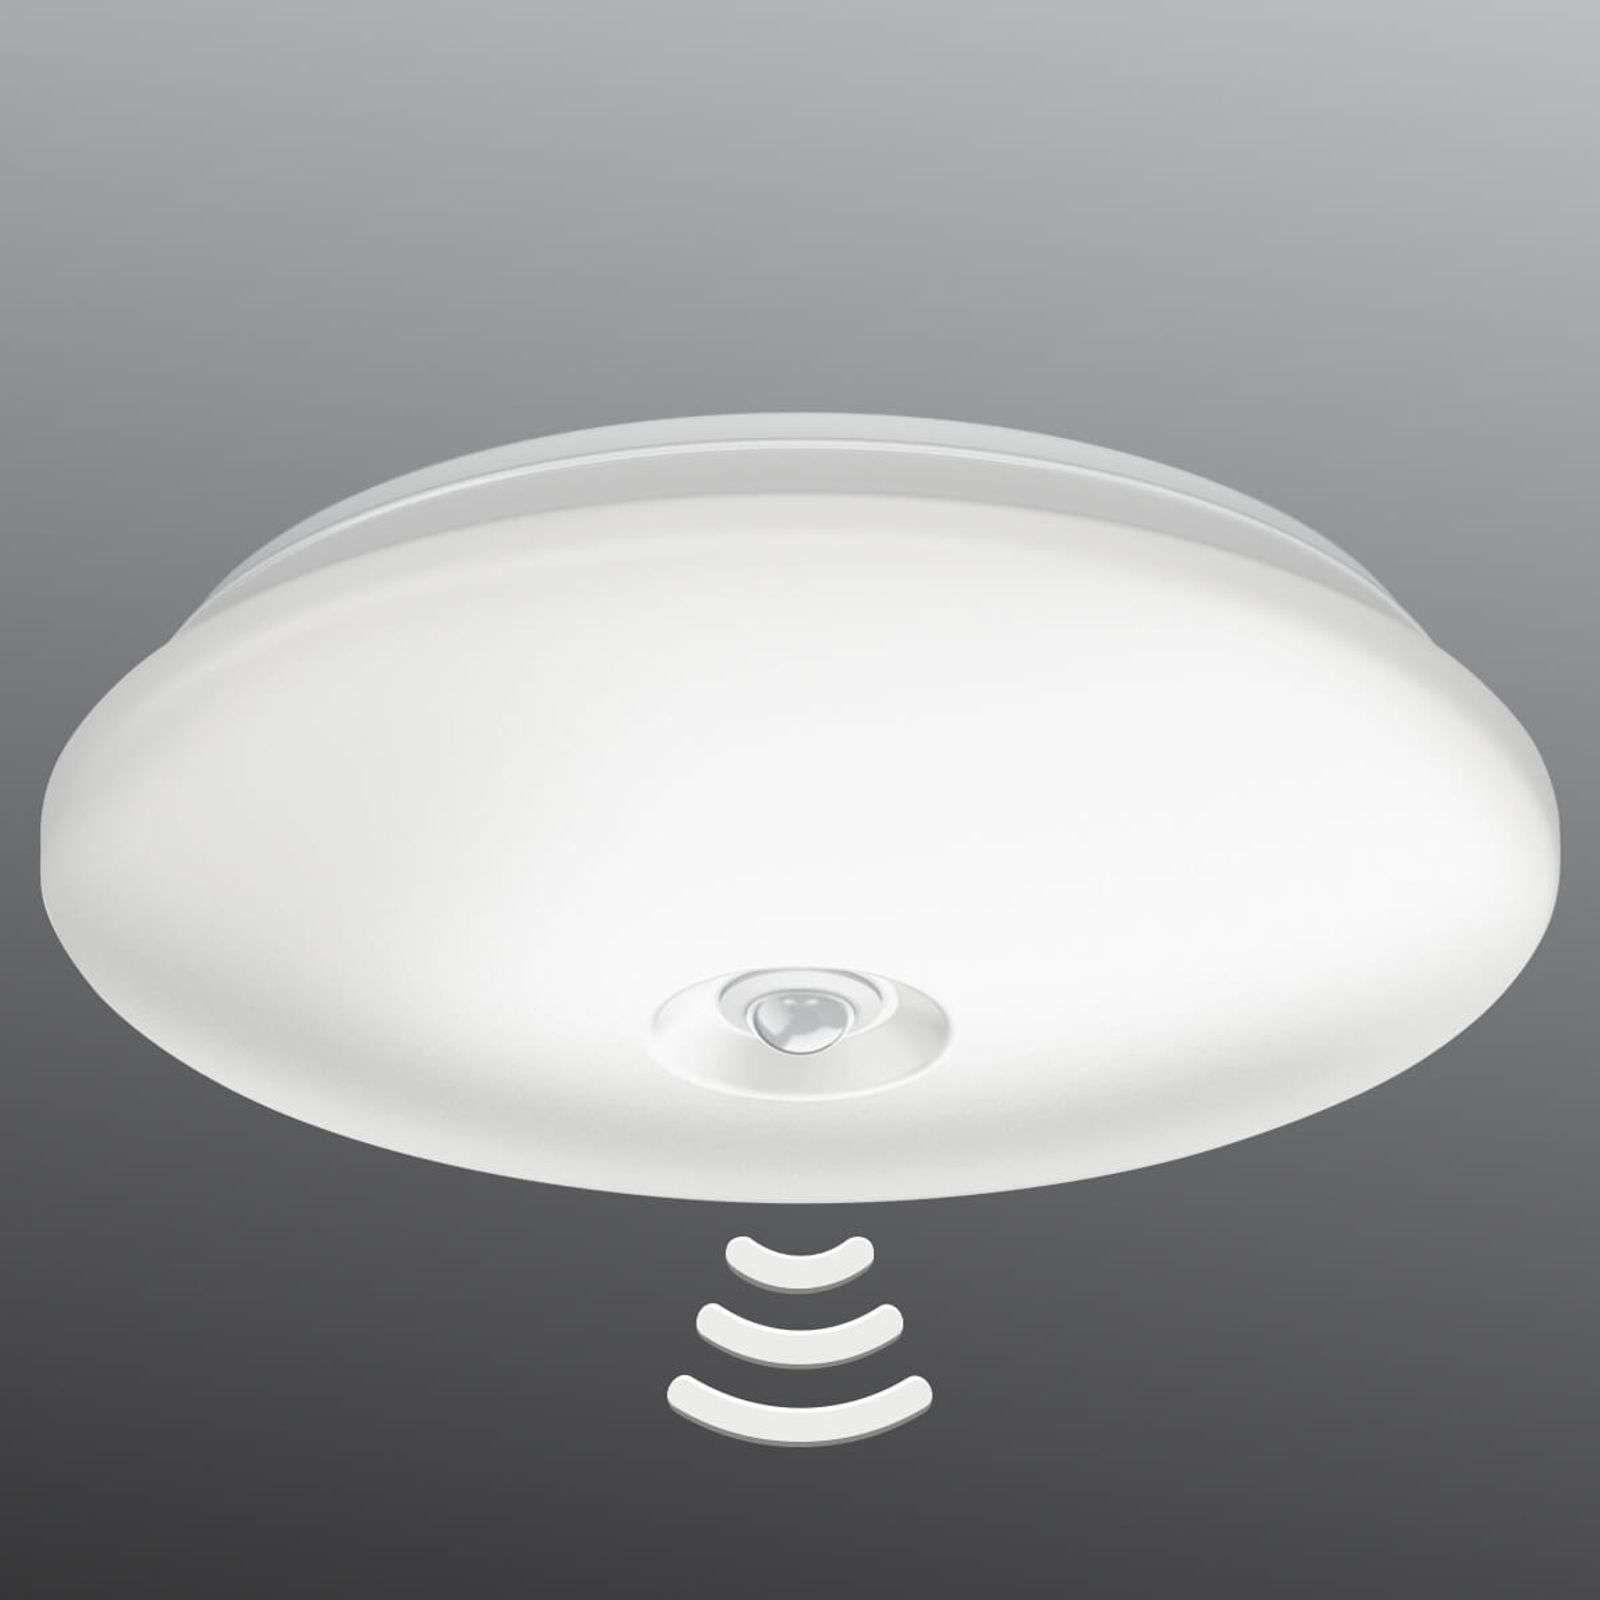 holz wohnzimmerlampen   beleuchtung badezimmerspiegel